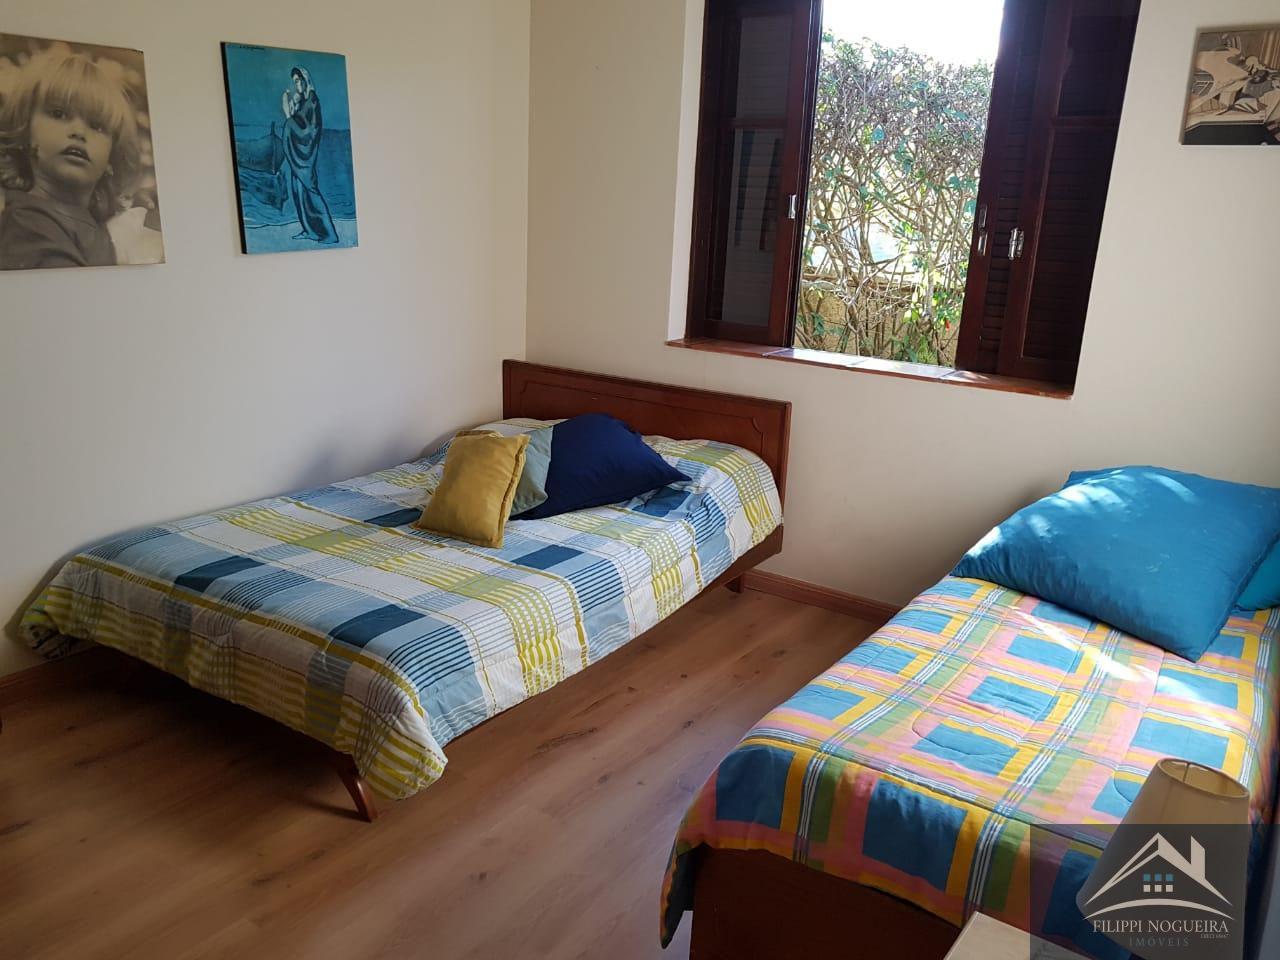 Excelente imóvel com 6 quartos e piscina na Vila Suissa. - csvl - 23